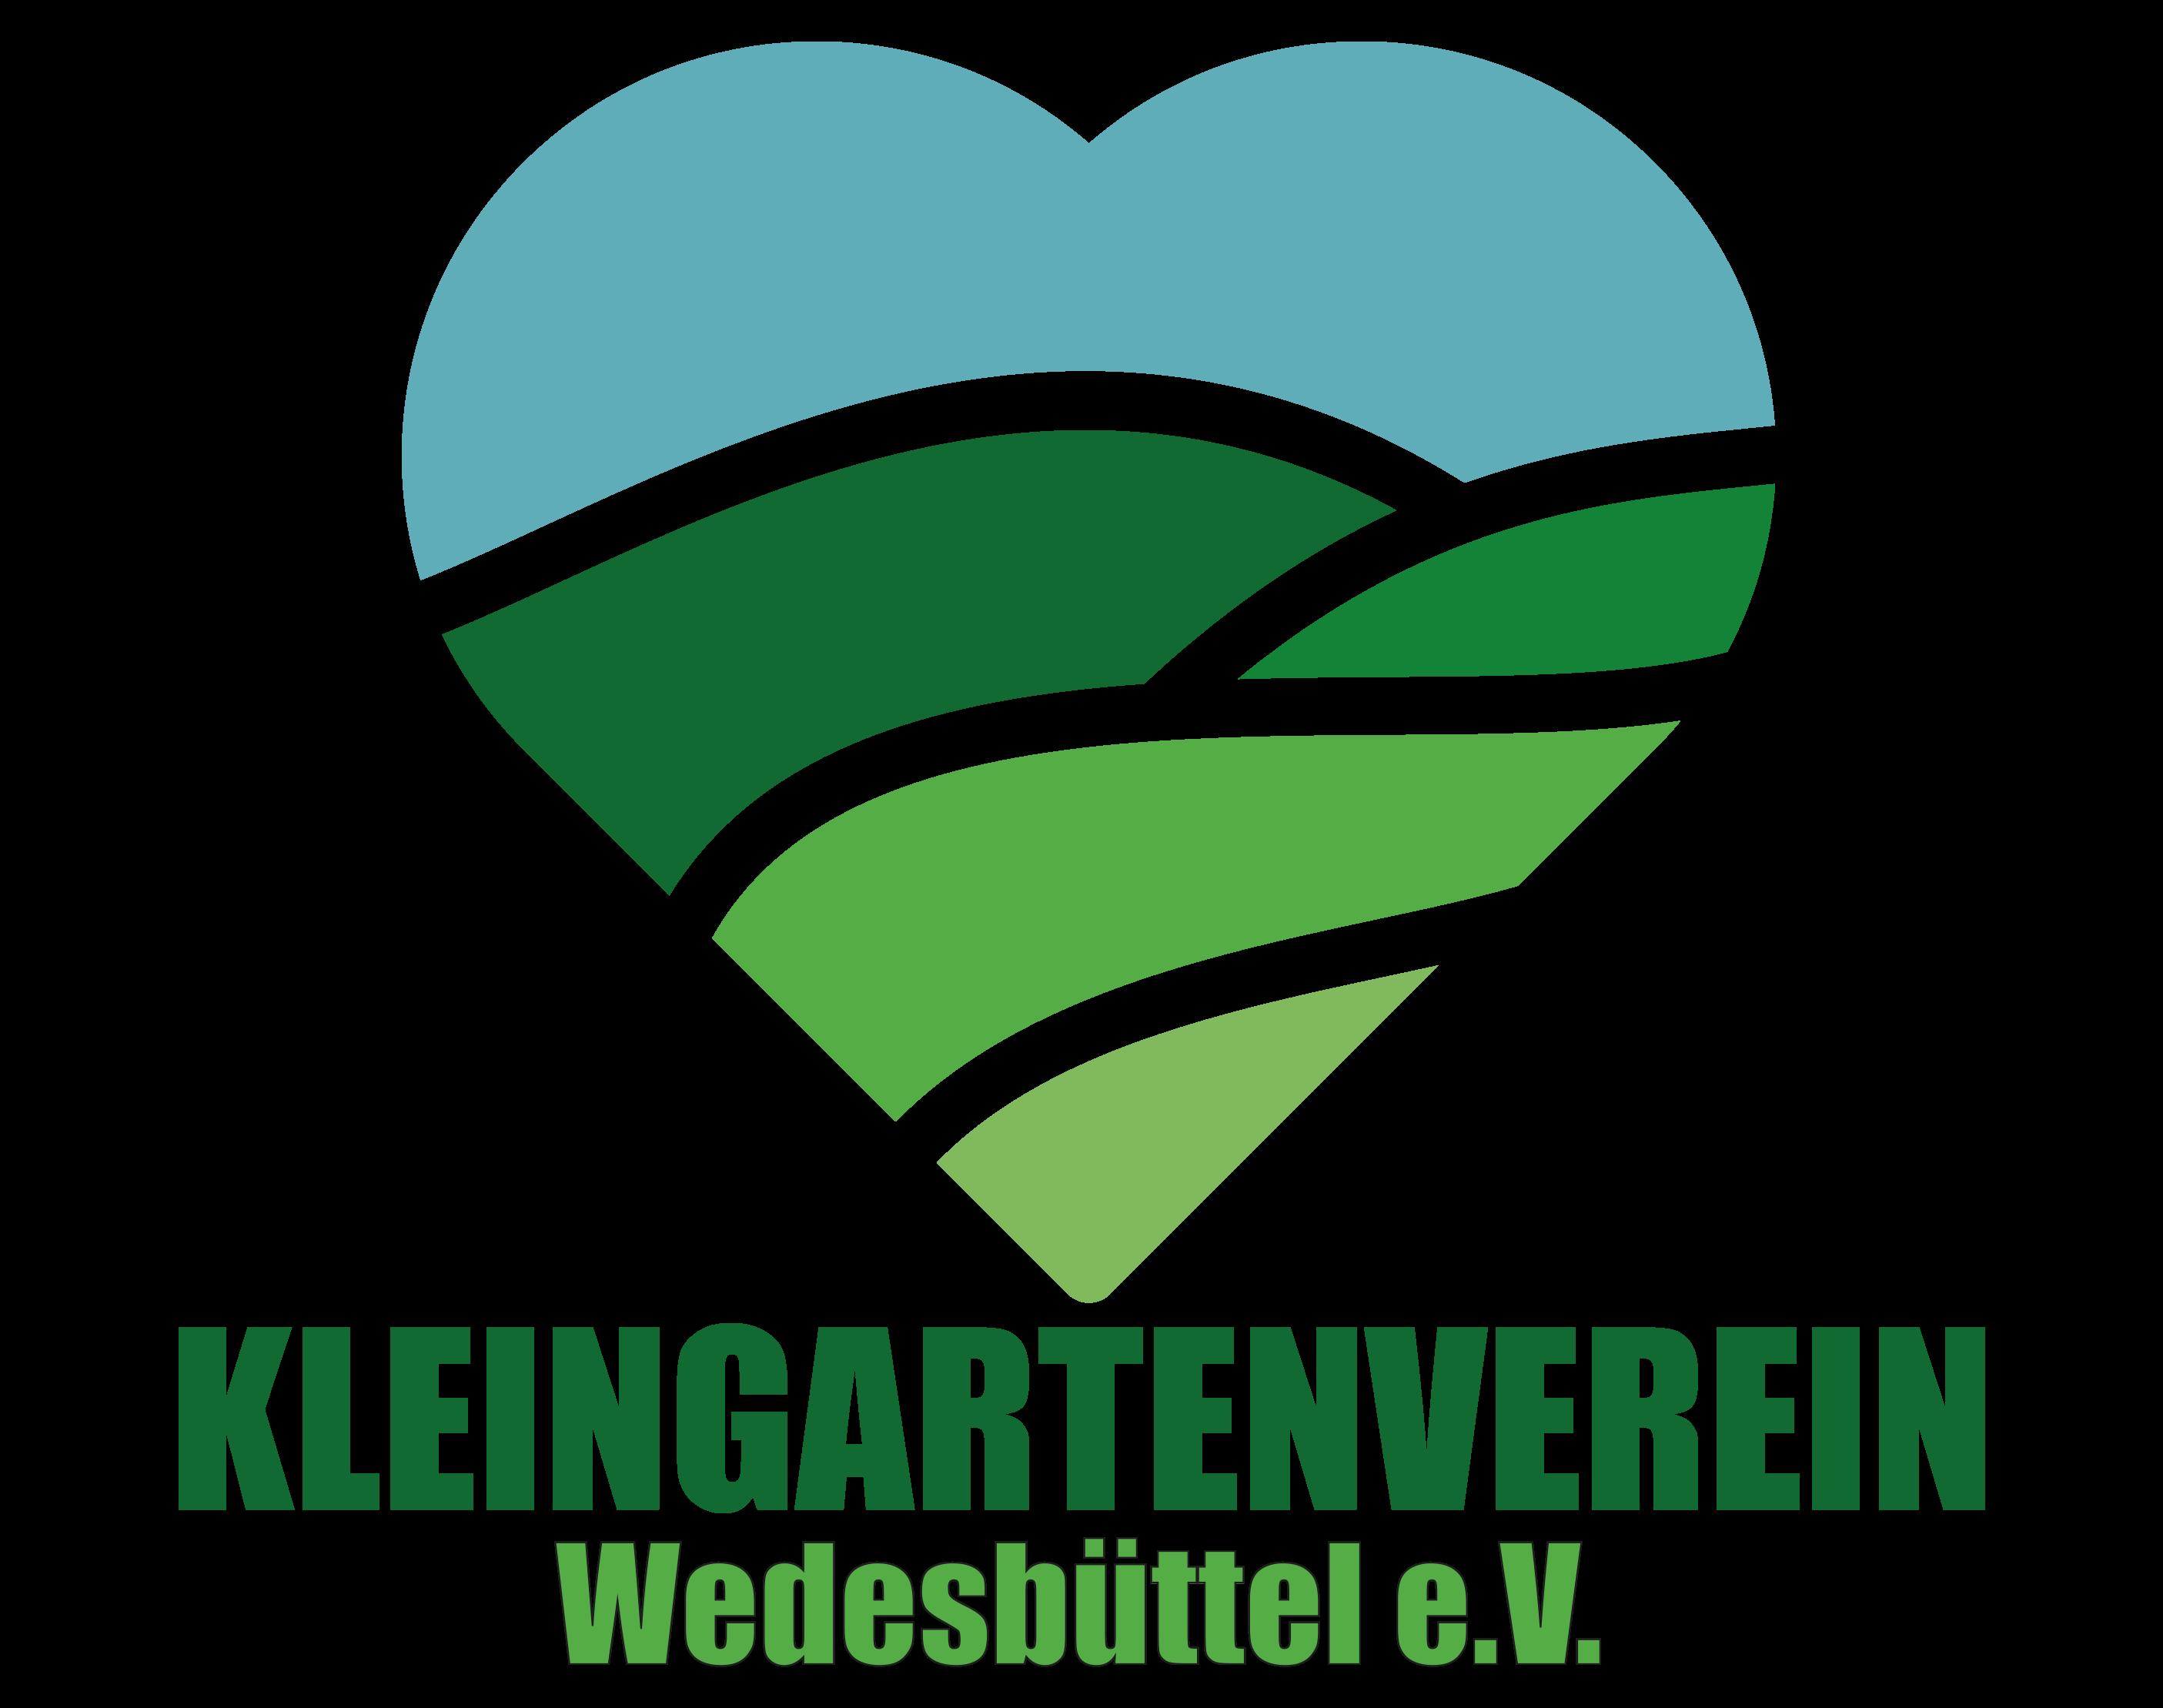 Kleingärtenverein Wedesbüttel e.V.